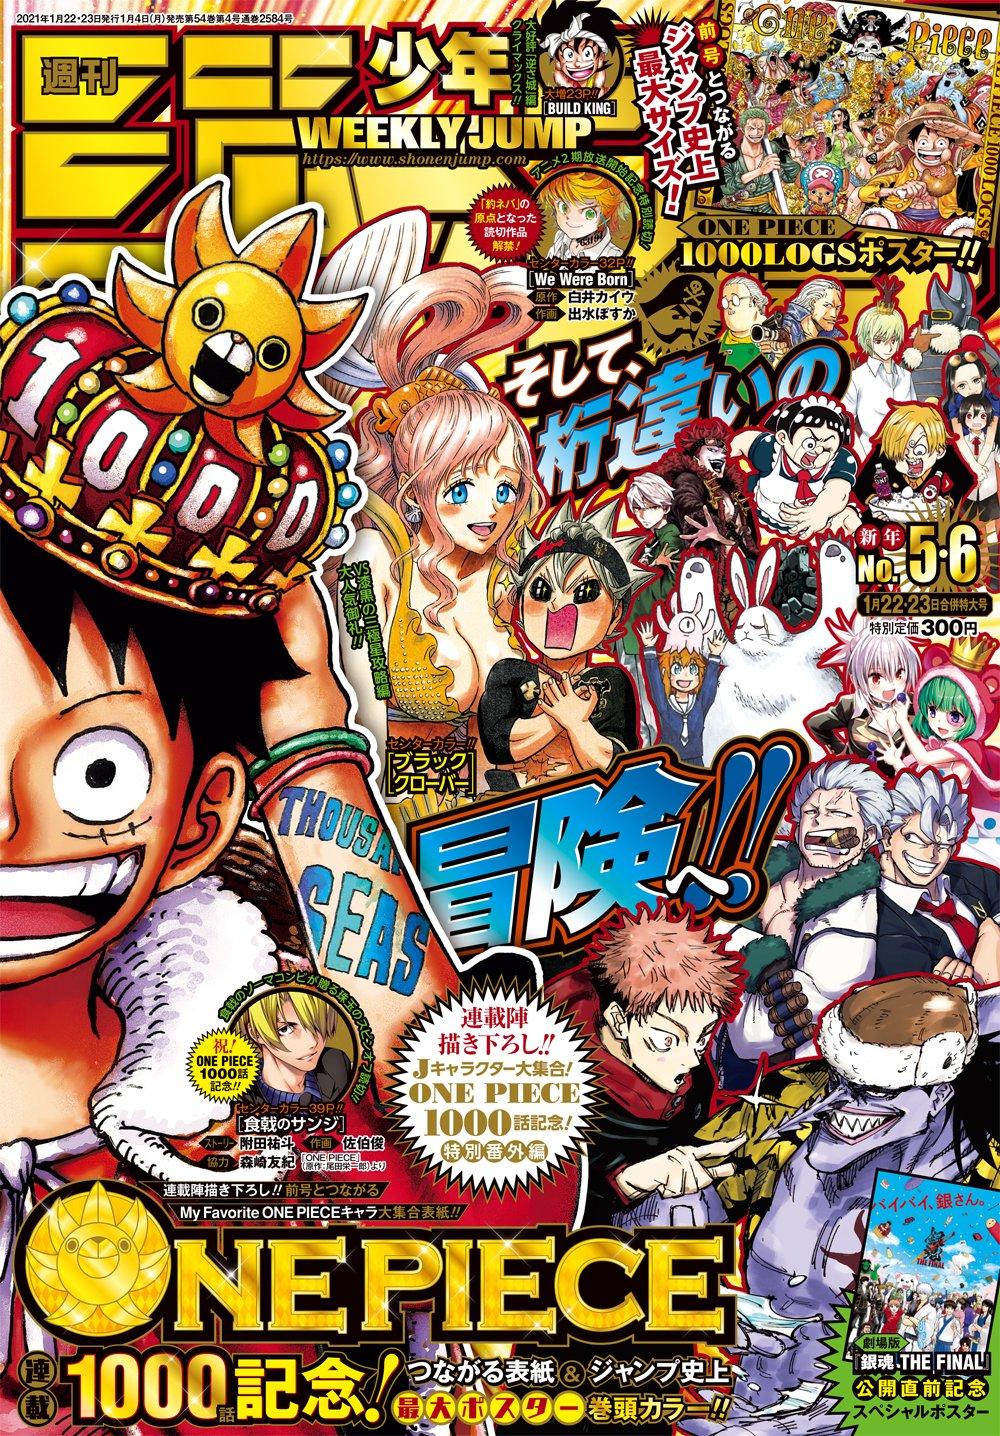 週刊少年ジャンプ 2021年05-06号  [Weekly Shonen Jump 2021 No.05-06+RAR]